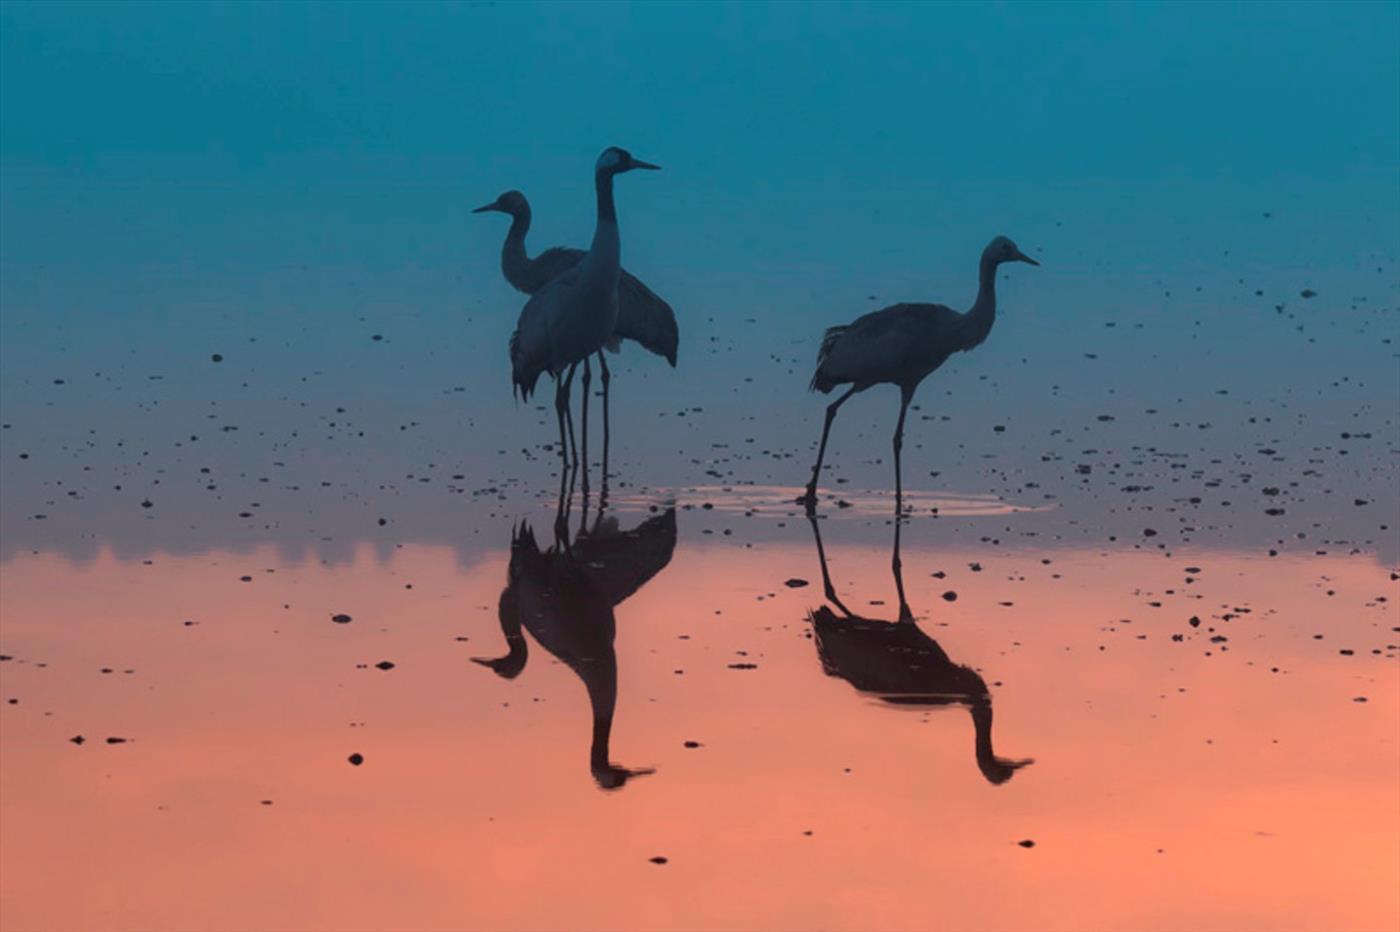 צפו: גלריית צילומי טבע מרהיבה מתערוכה חדשה